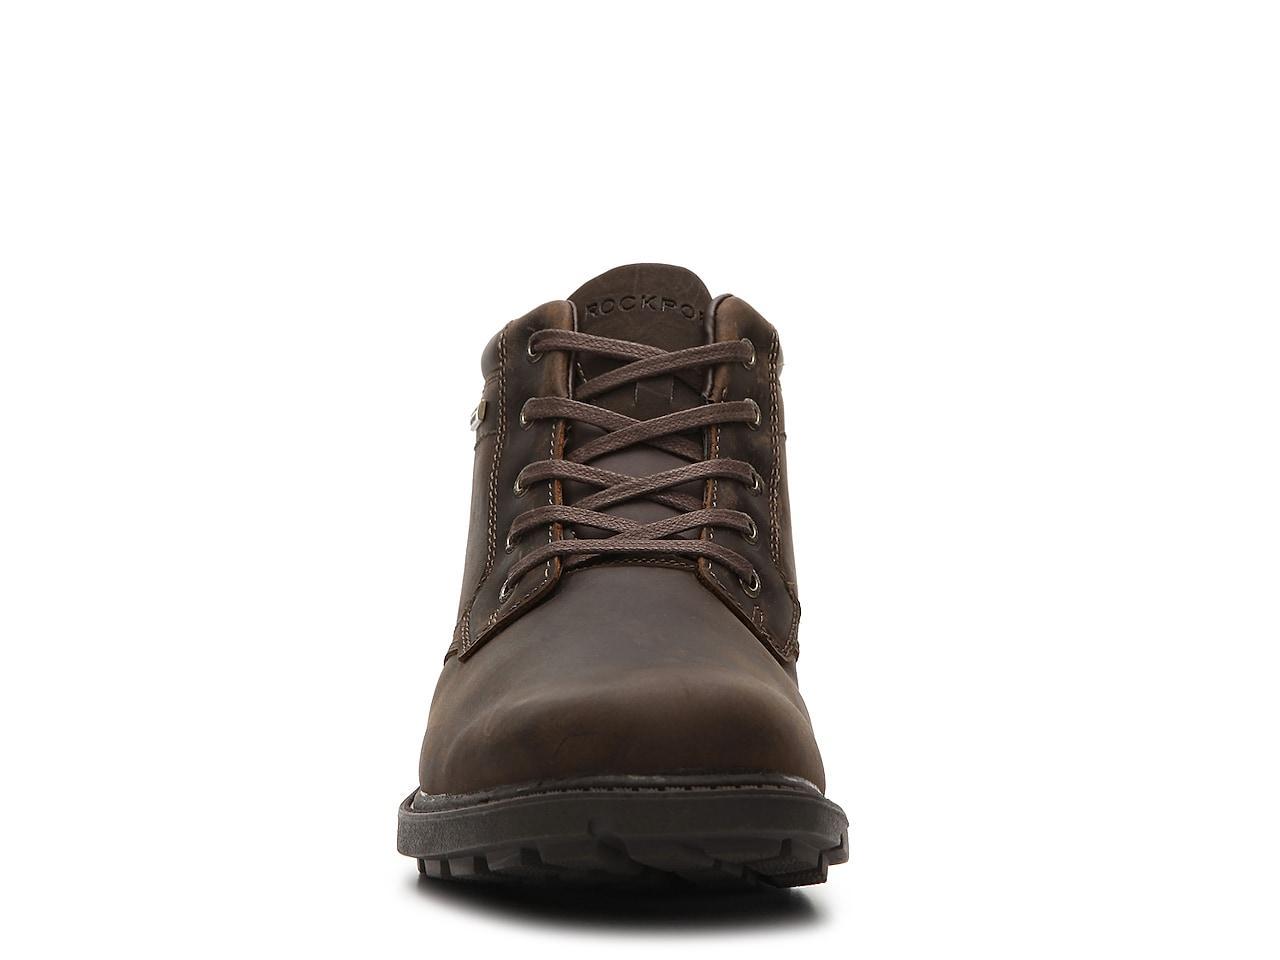 Rockport Boots Storm Surge Plain Toe Noir Homme